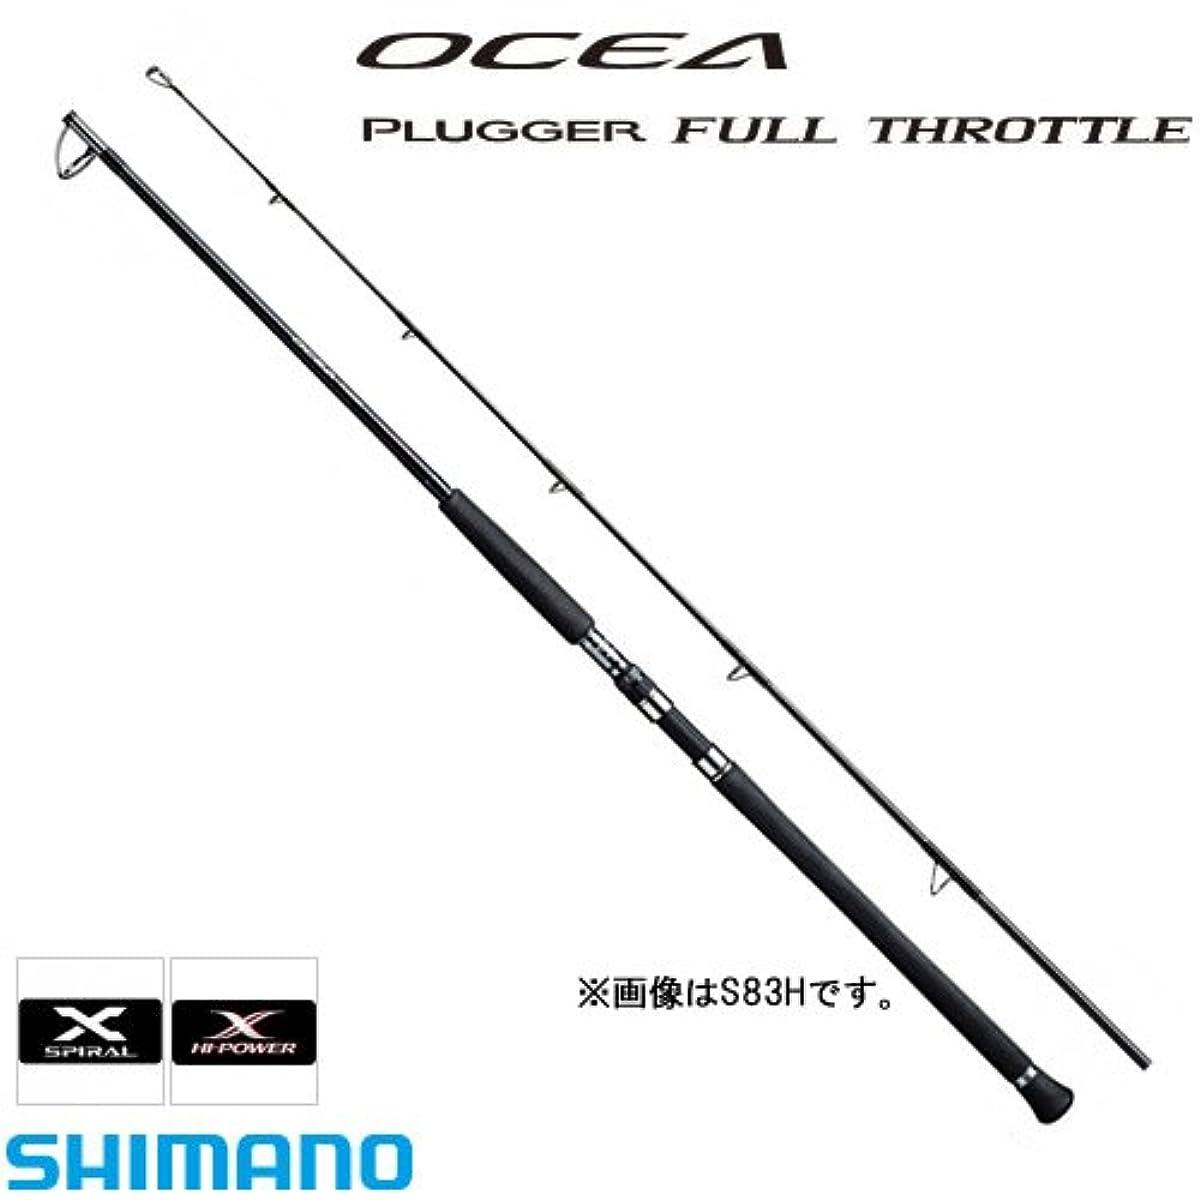 [해외] 시마노 오시어 프라가 풀 스로틀 S74ML